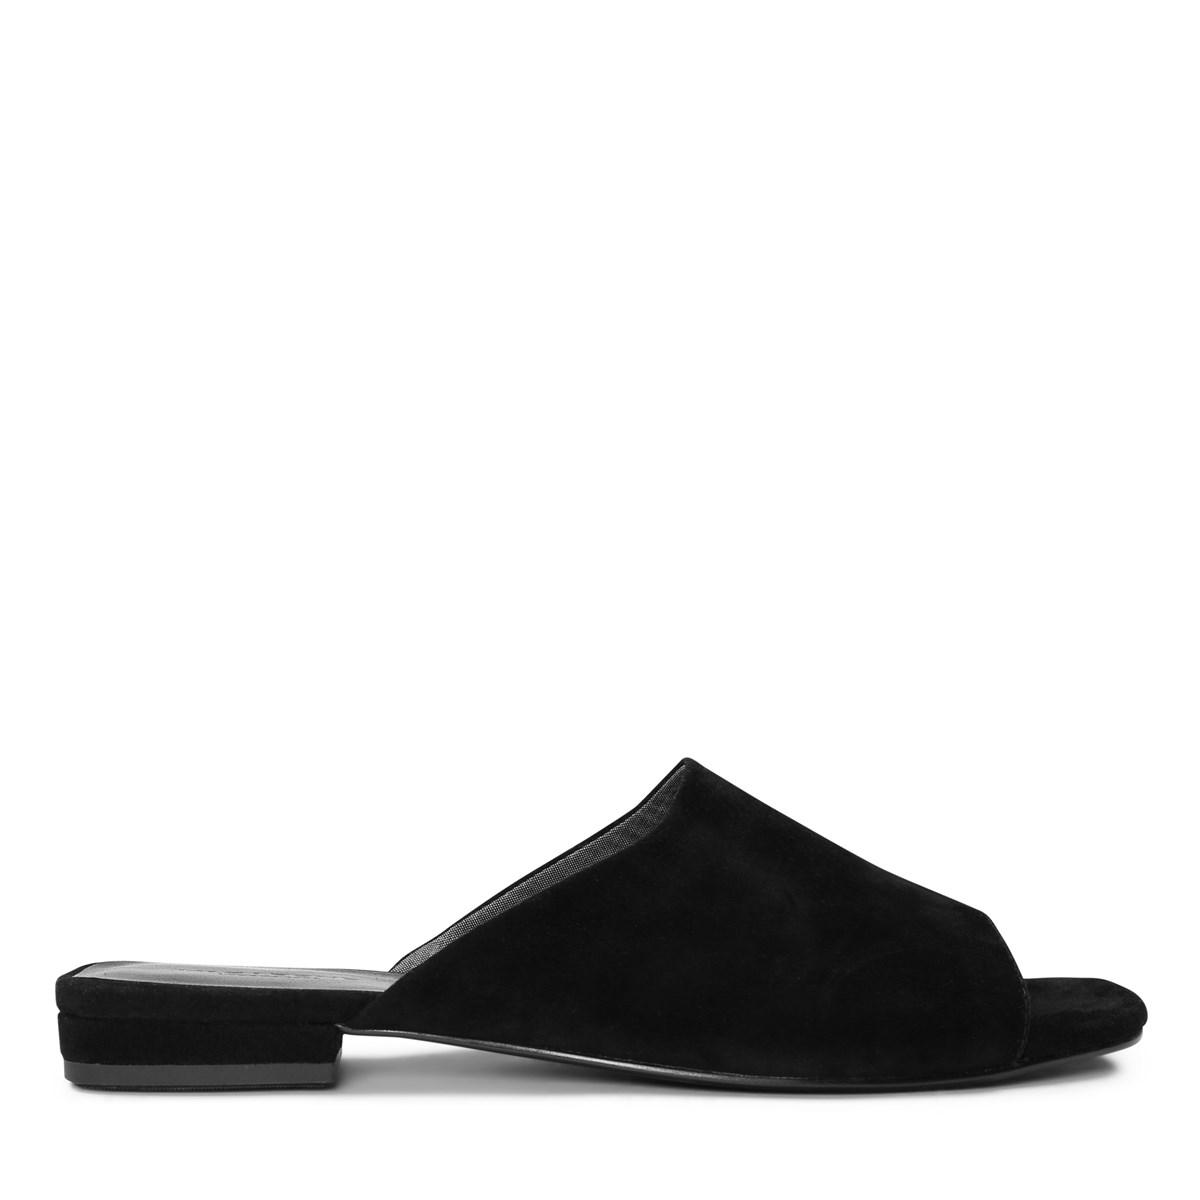 Sandales Becky noires pour femmes